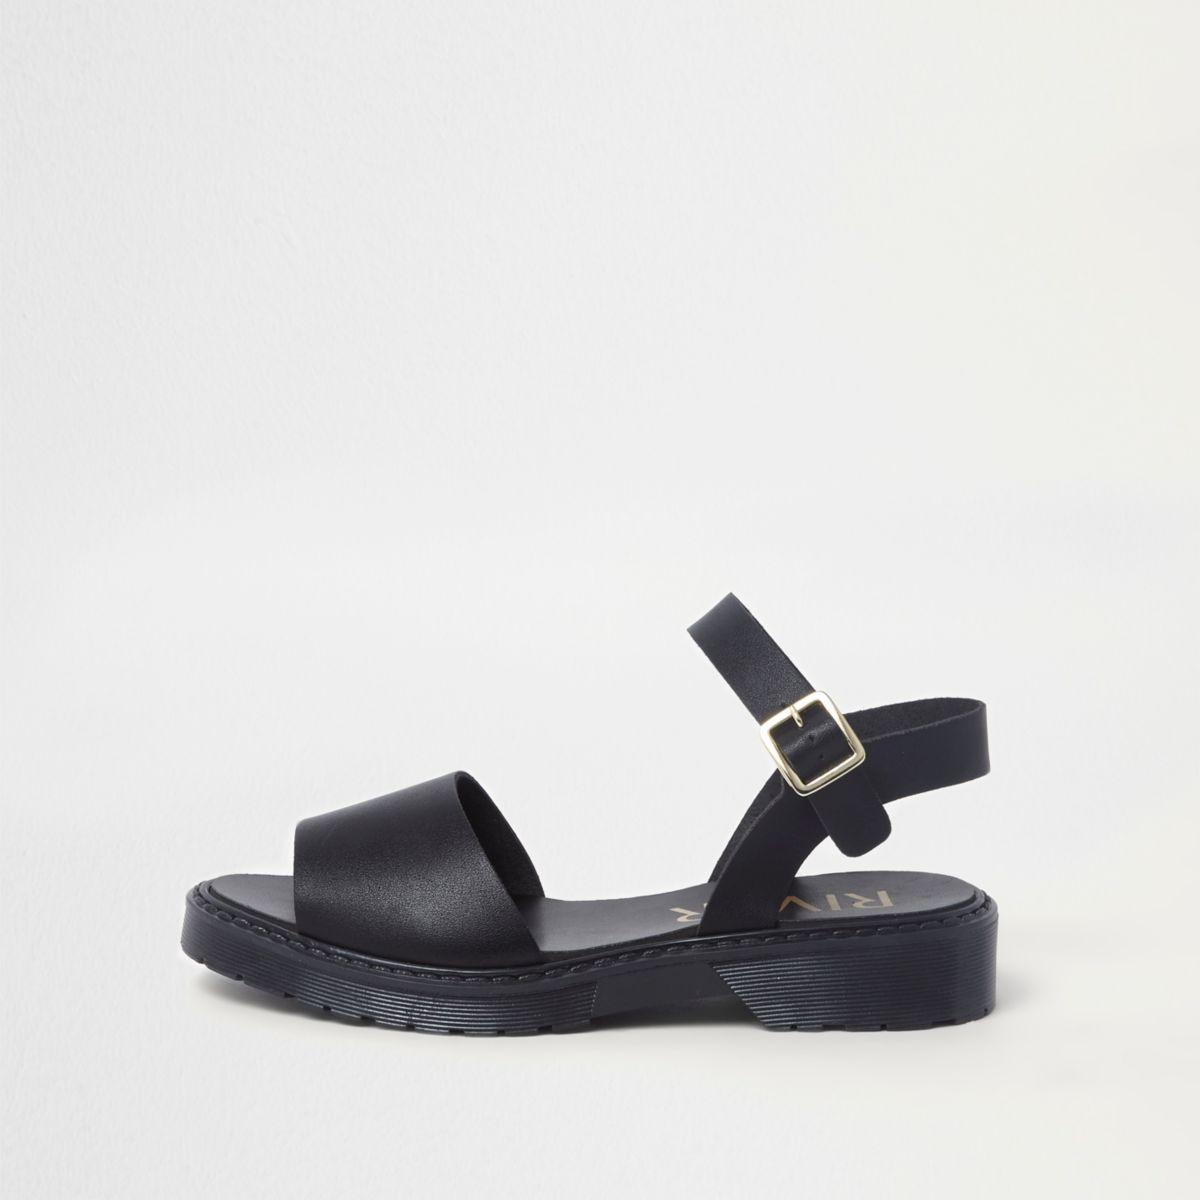 Zwarte sandalen met grove zool